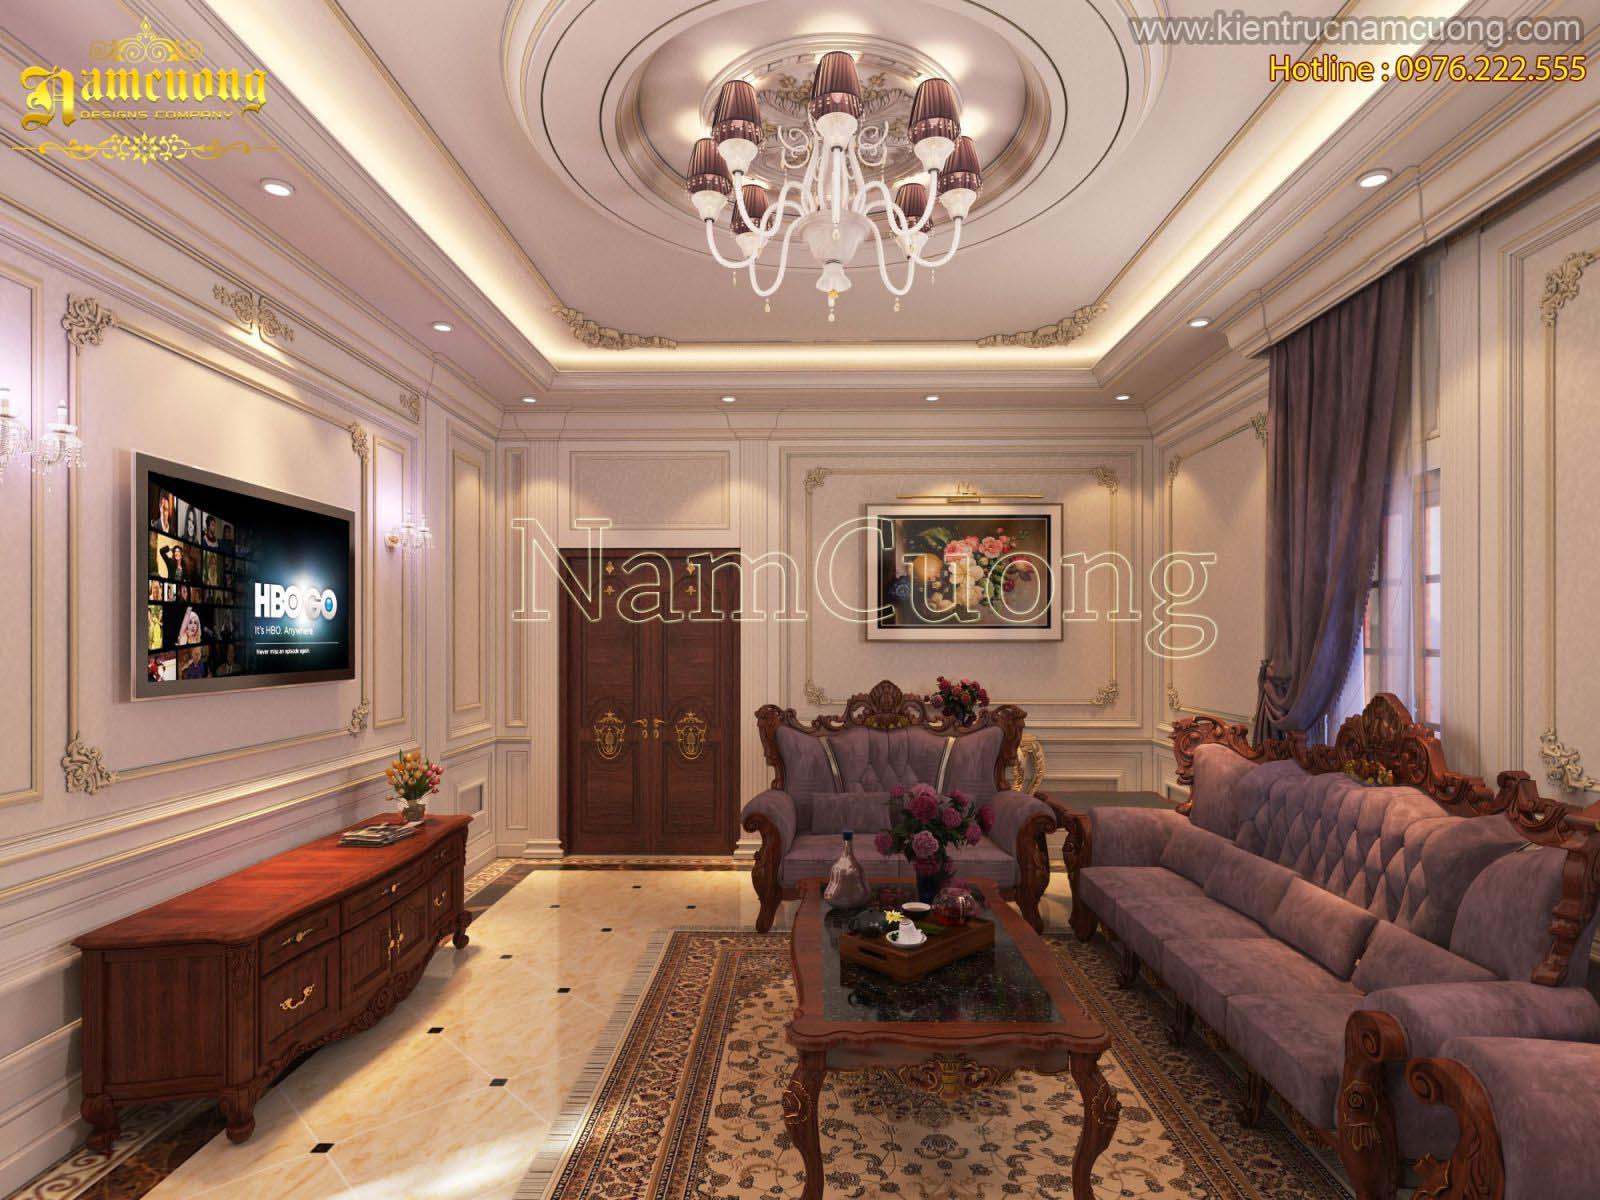 Phòng khách phong cách tân cổ điển đẹp tại Sài Gòn - NTKTCD 059